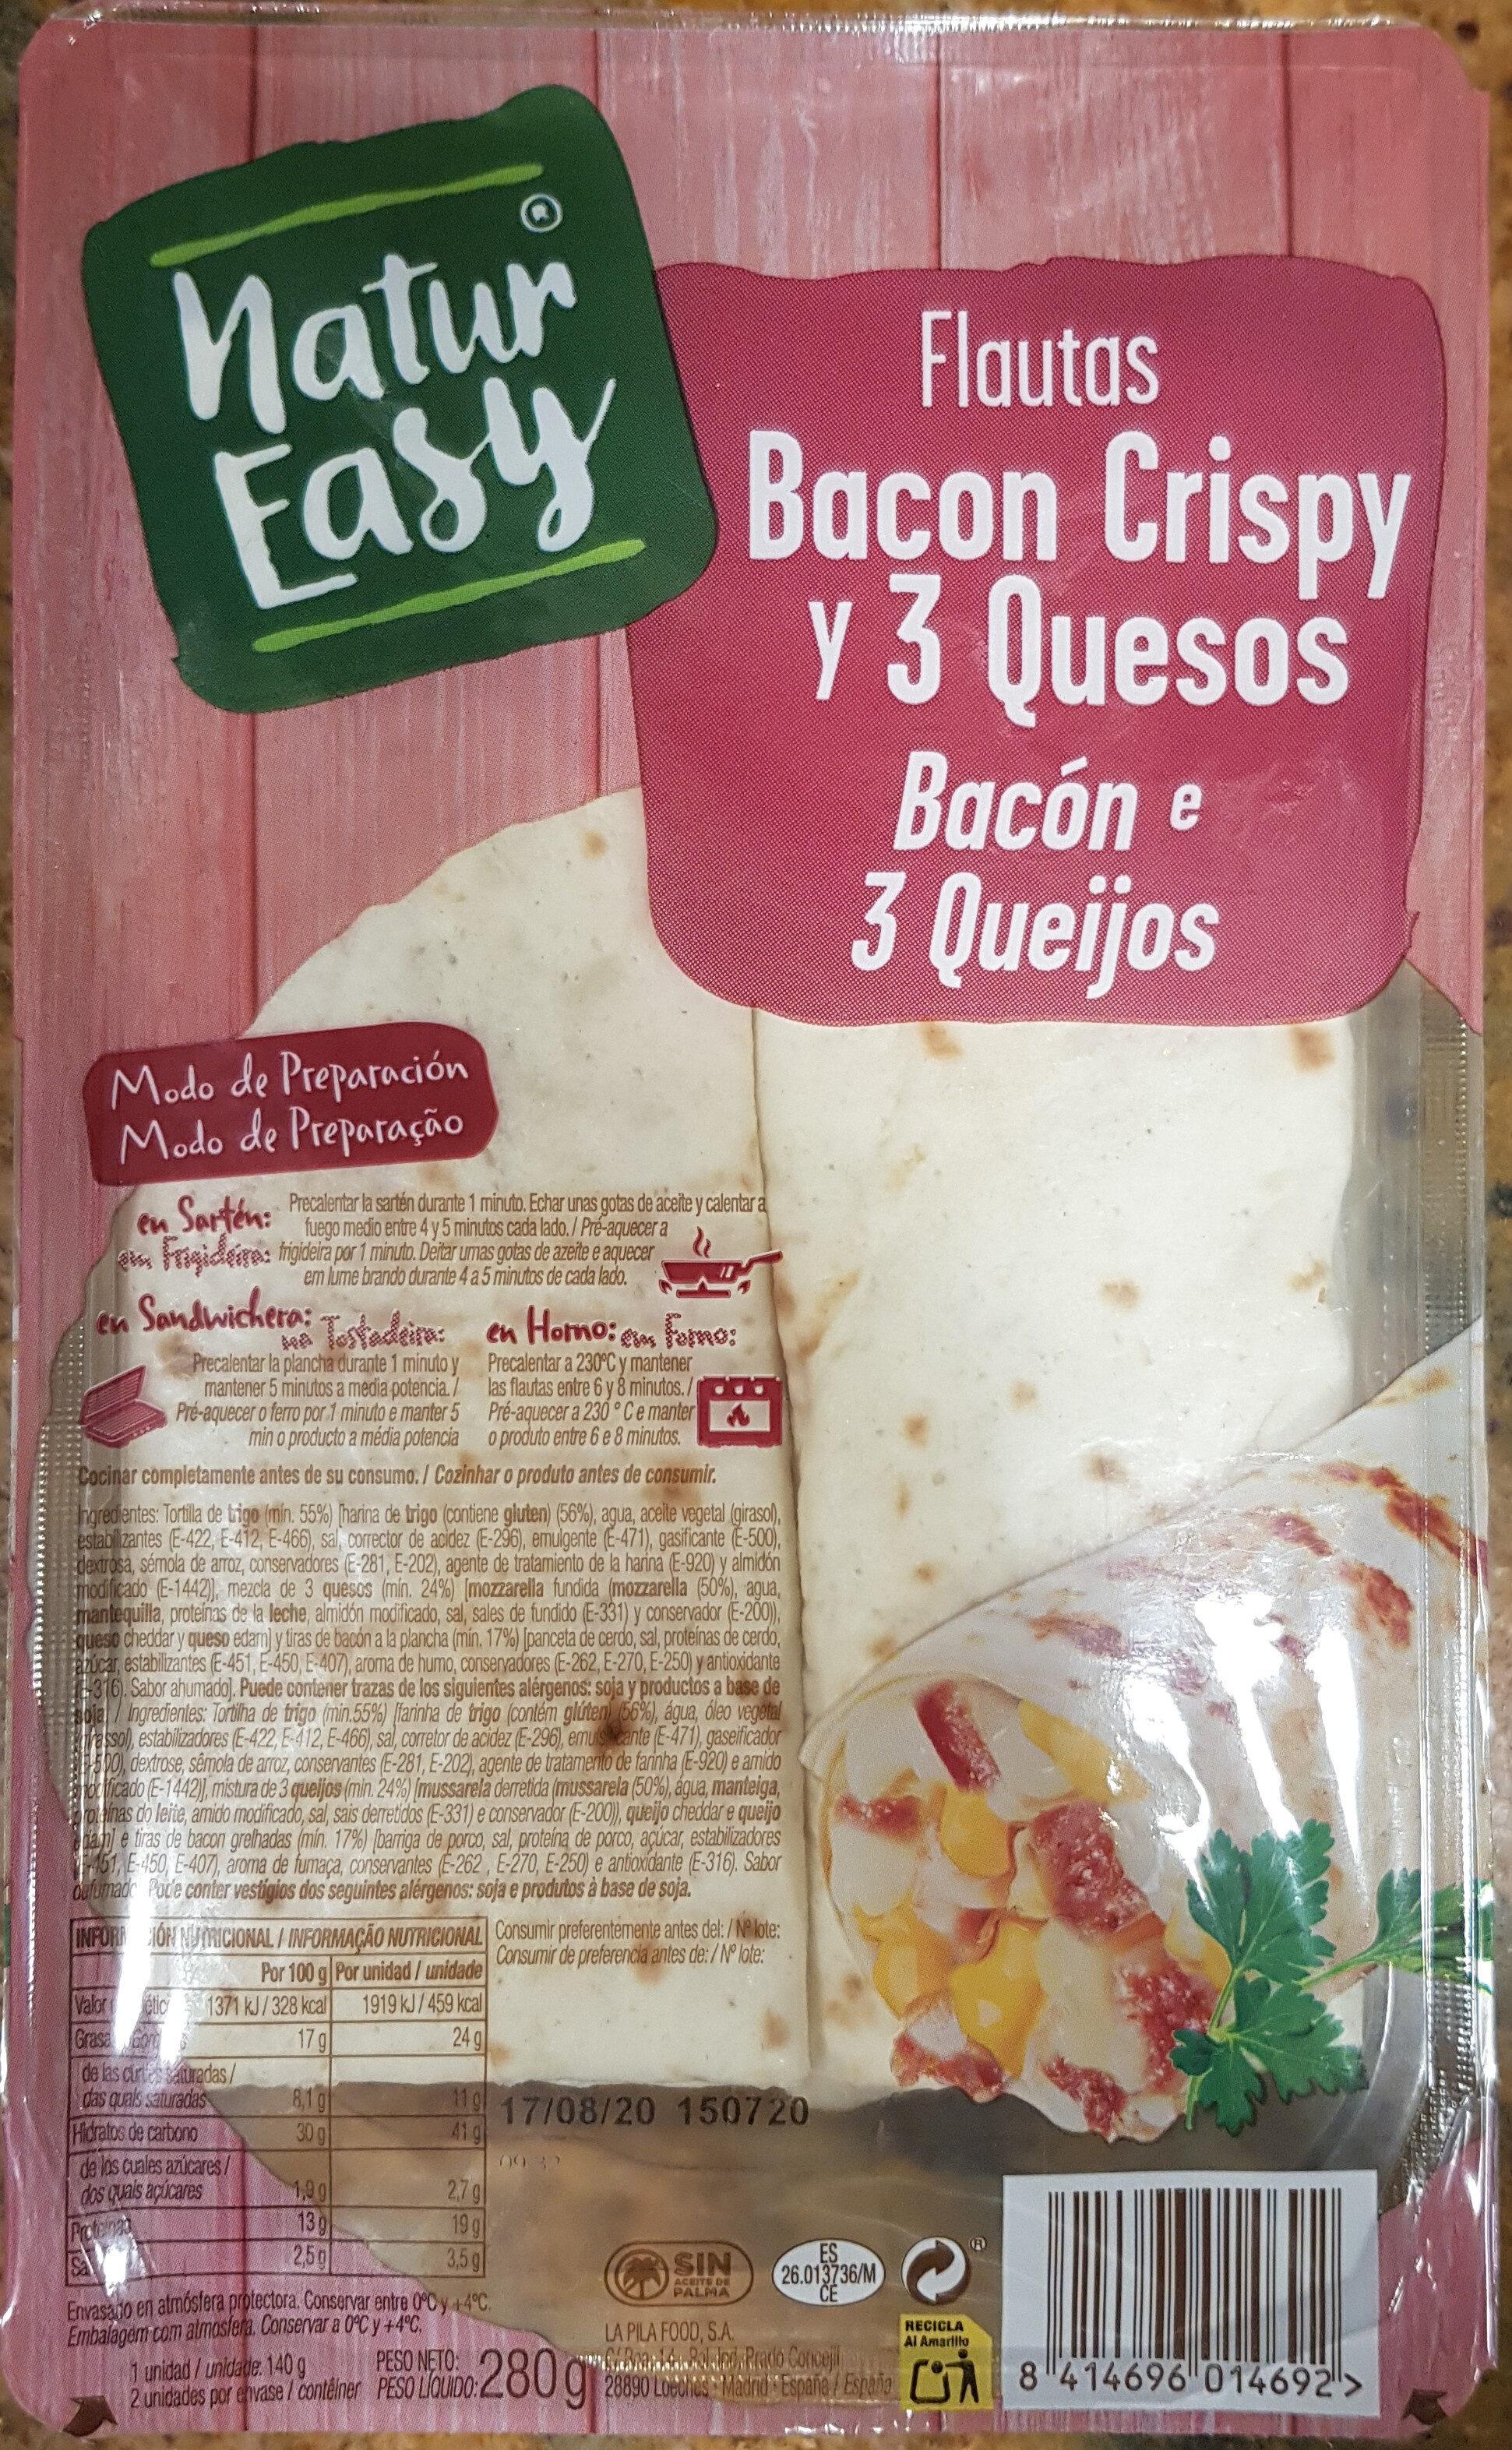 Flautas de bacon crispy y 3 quesos - Producto - es